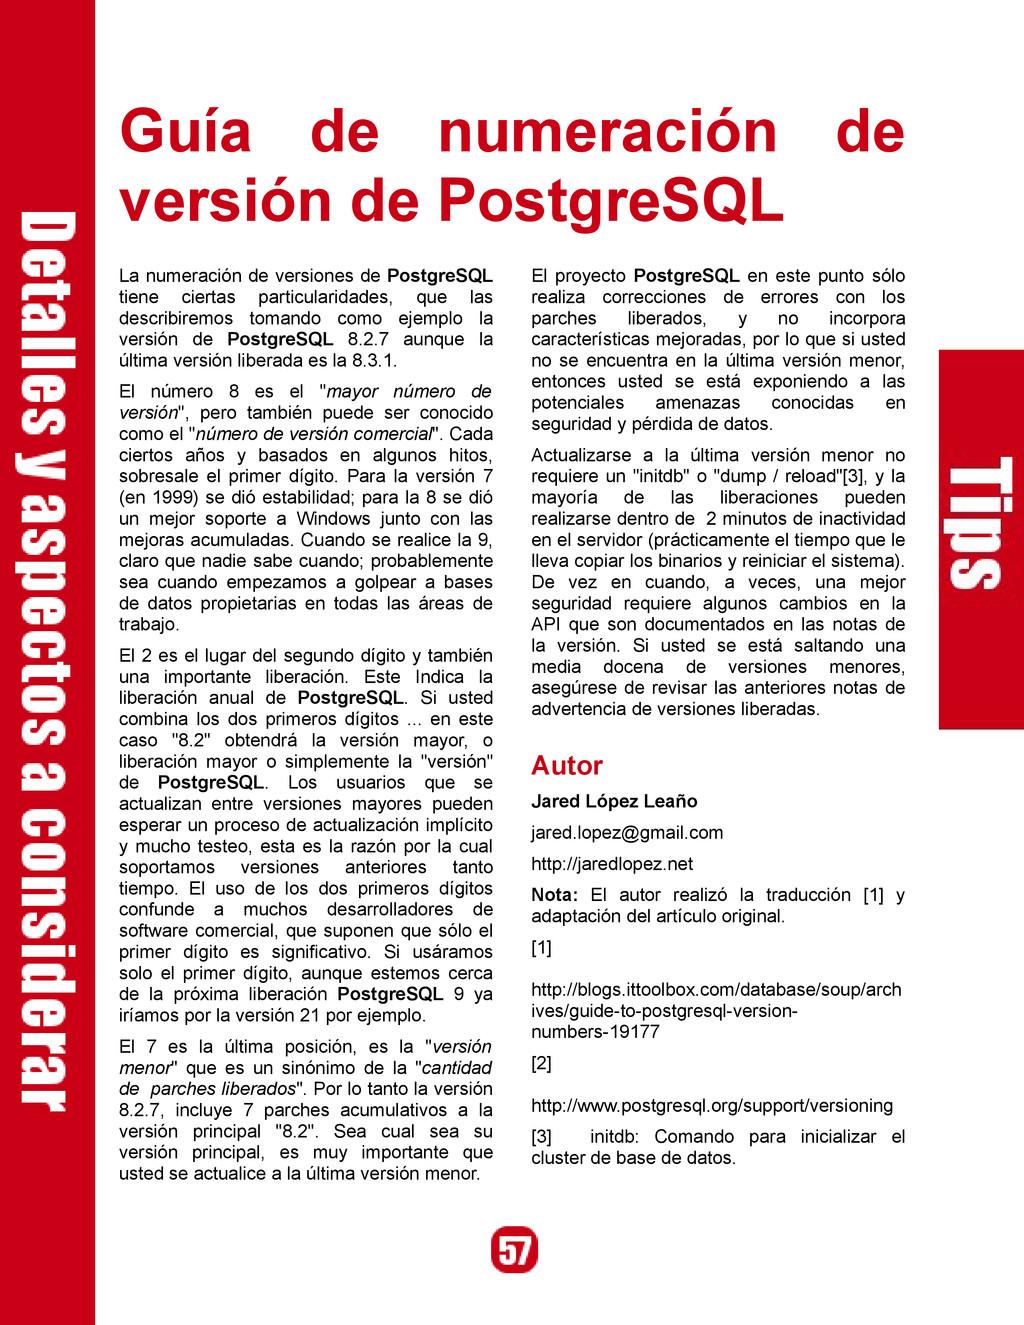 Guía de numeración de versión de PostgreSQL La ...